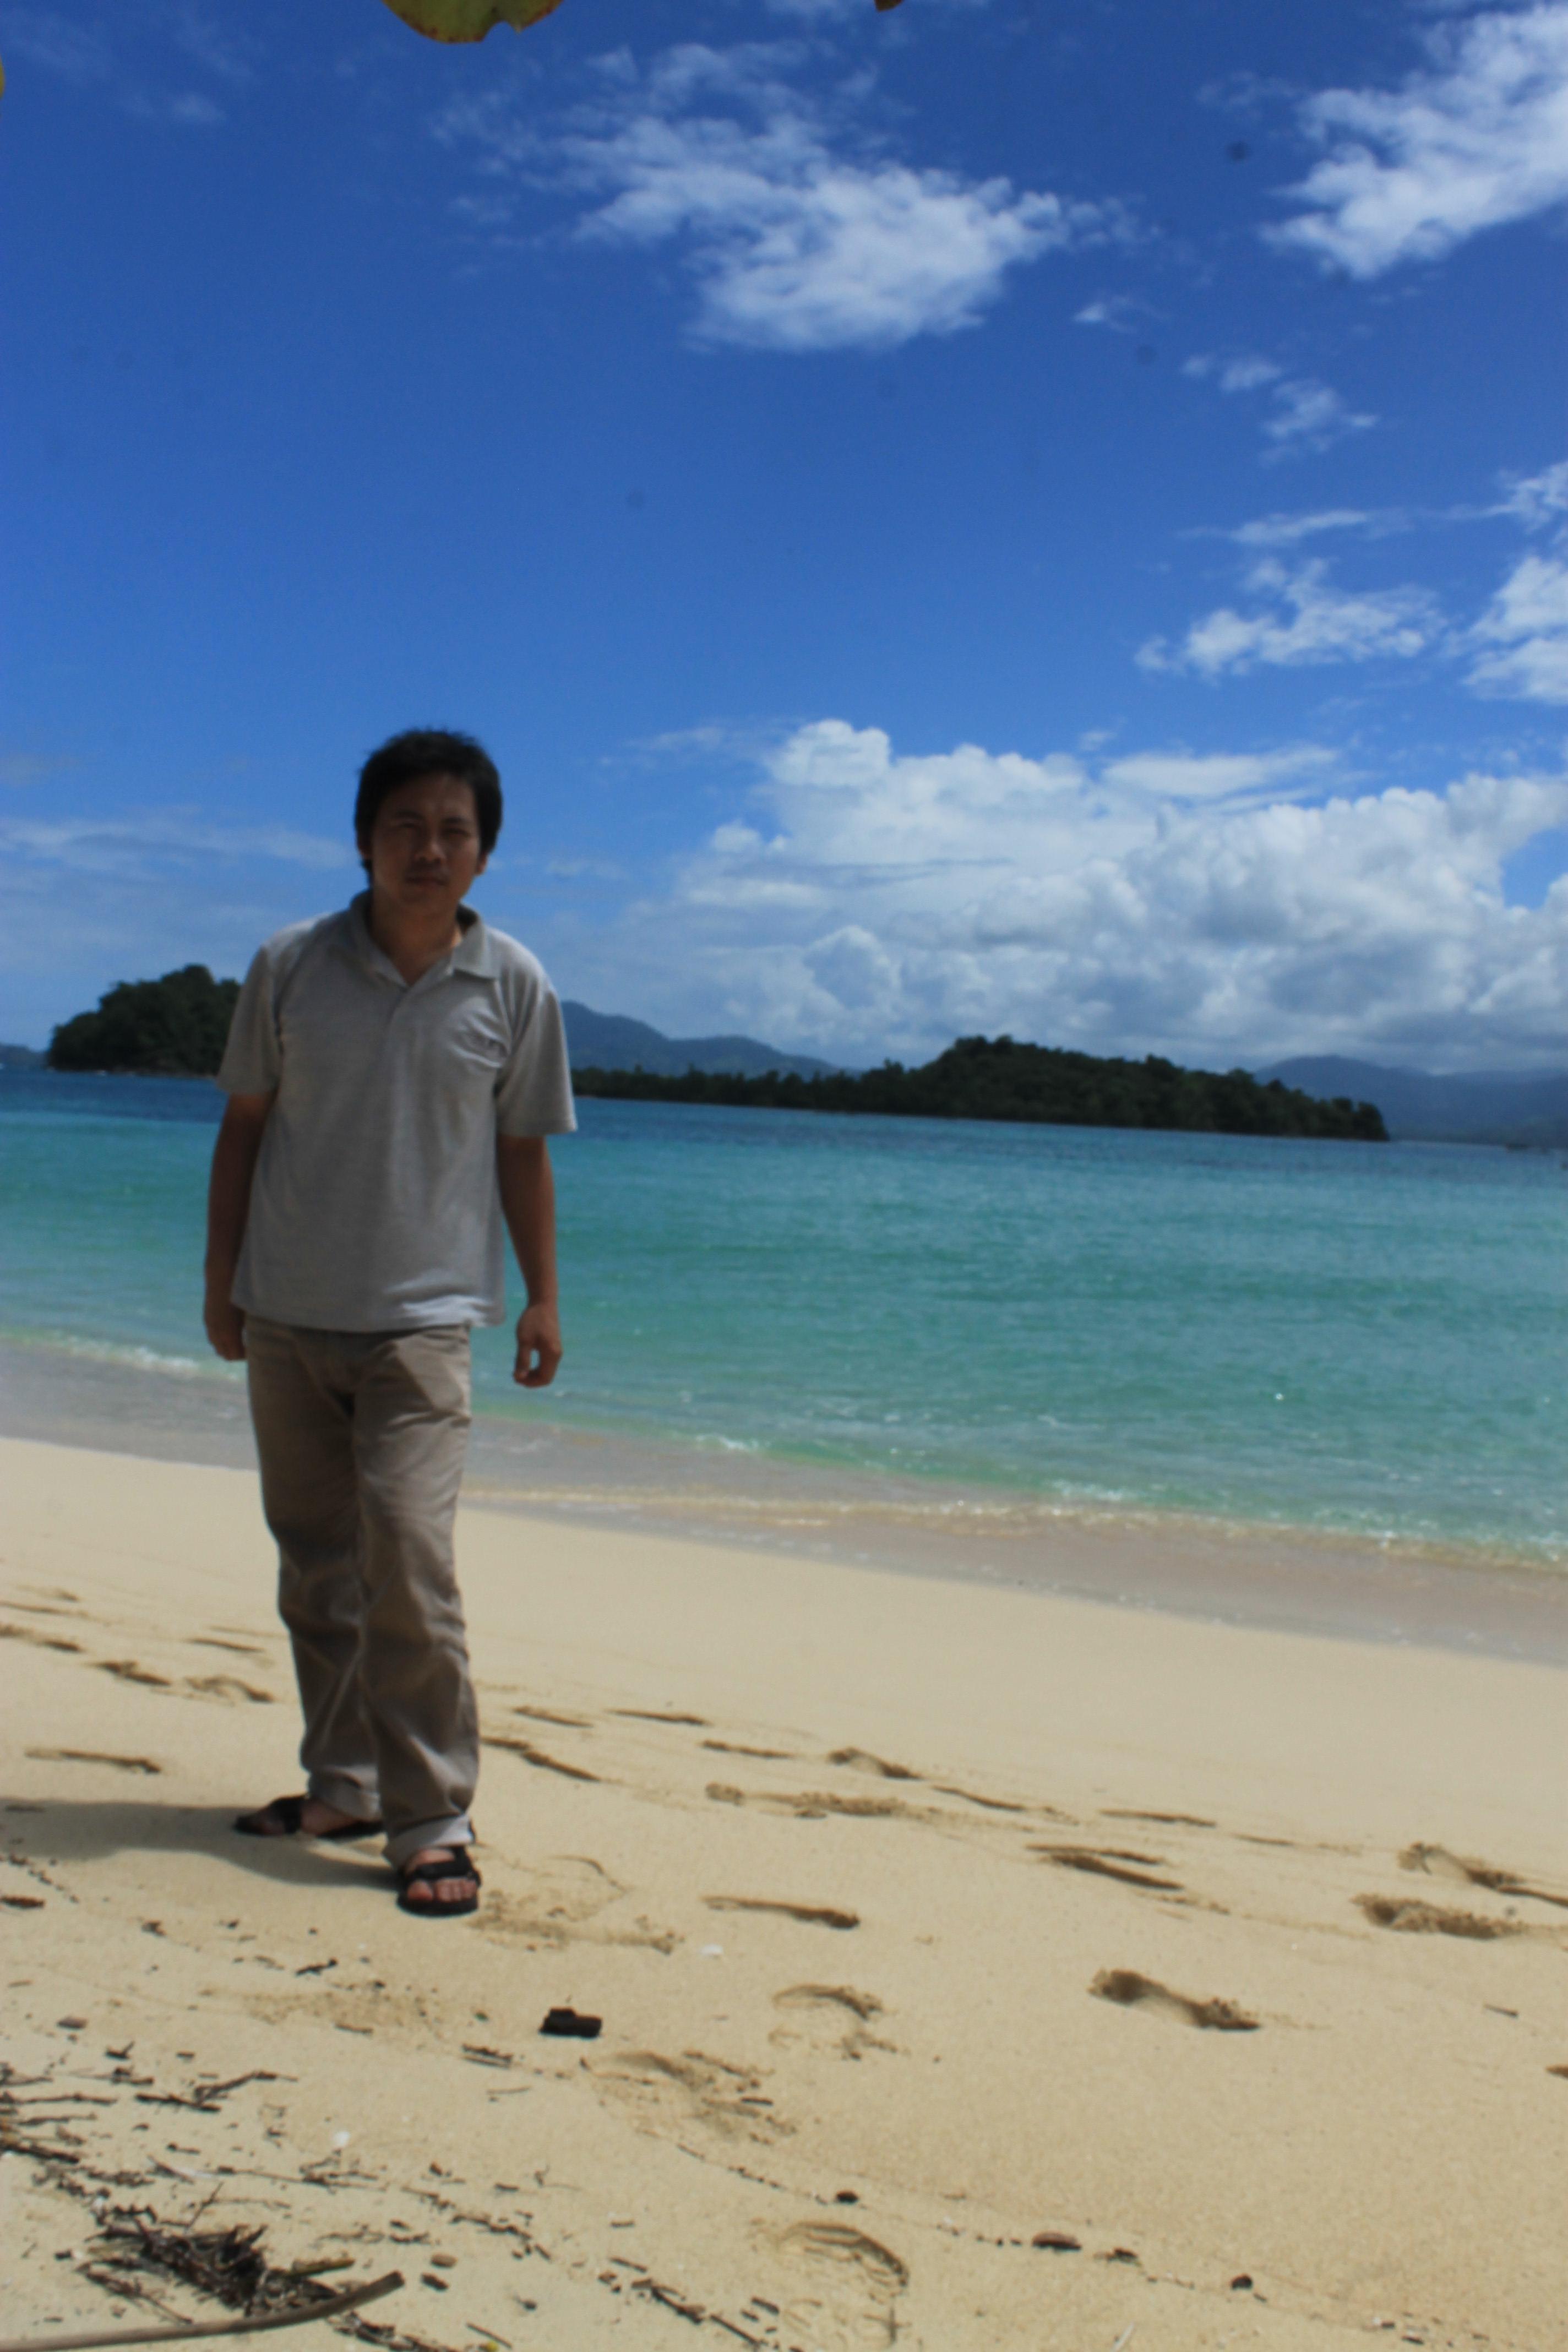 Pariwisata Christian Poluan Img 4034 4033 Pantai Pasir Putih Leato